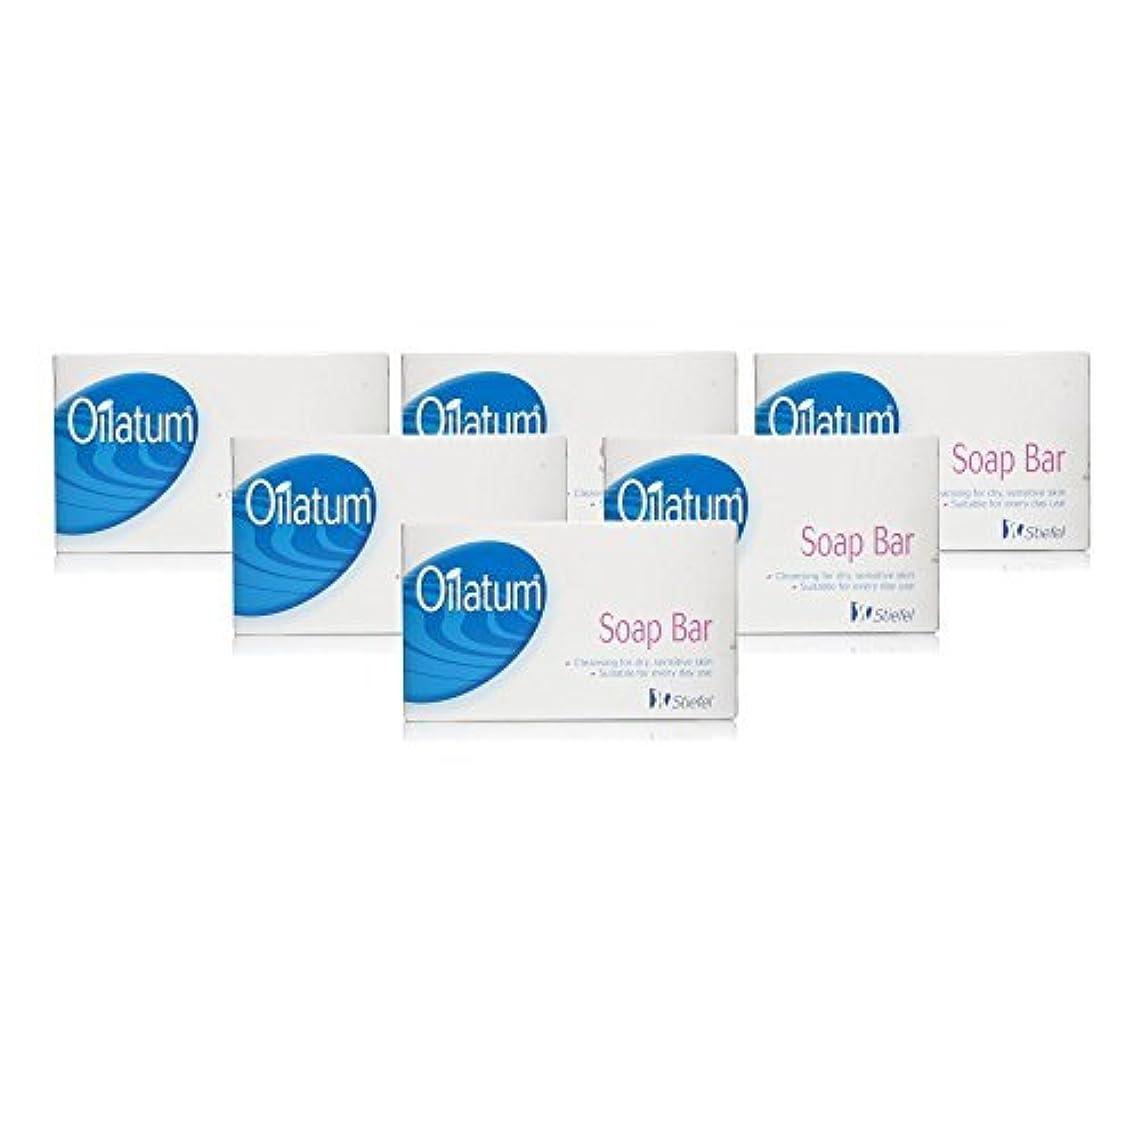 エアコン真空コードレスOilatum Soap Bar 6 Pack by Oilatum